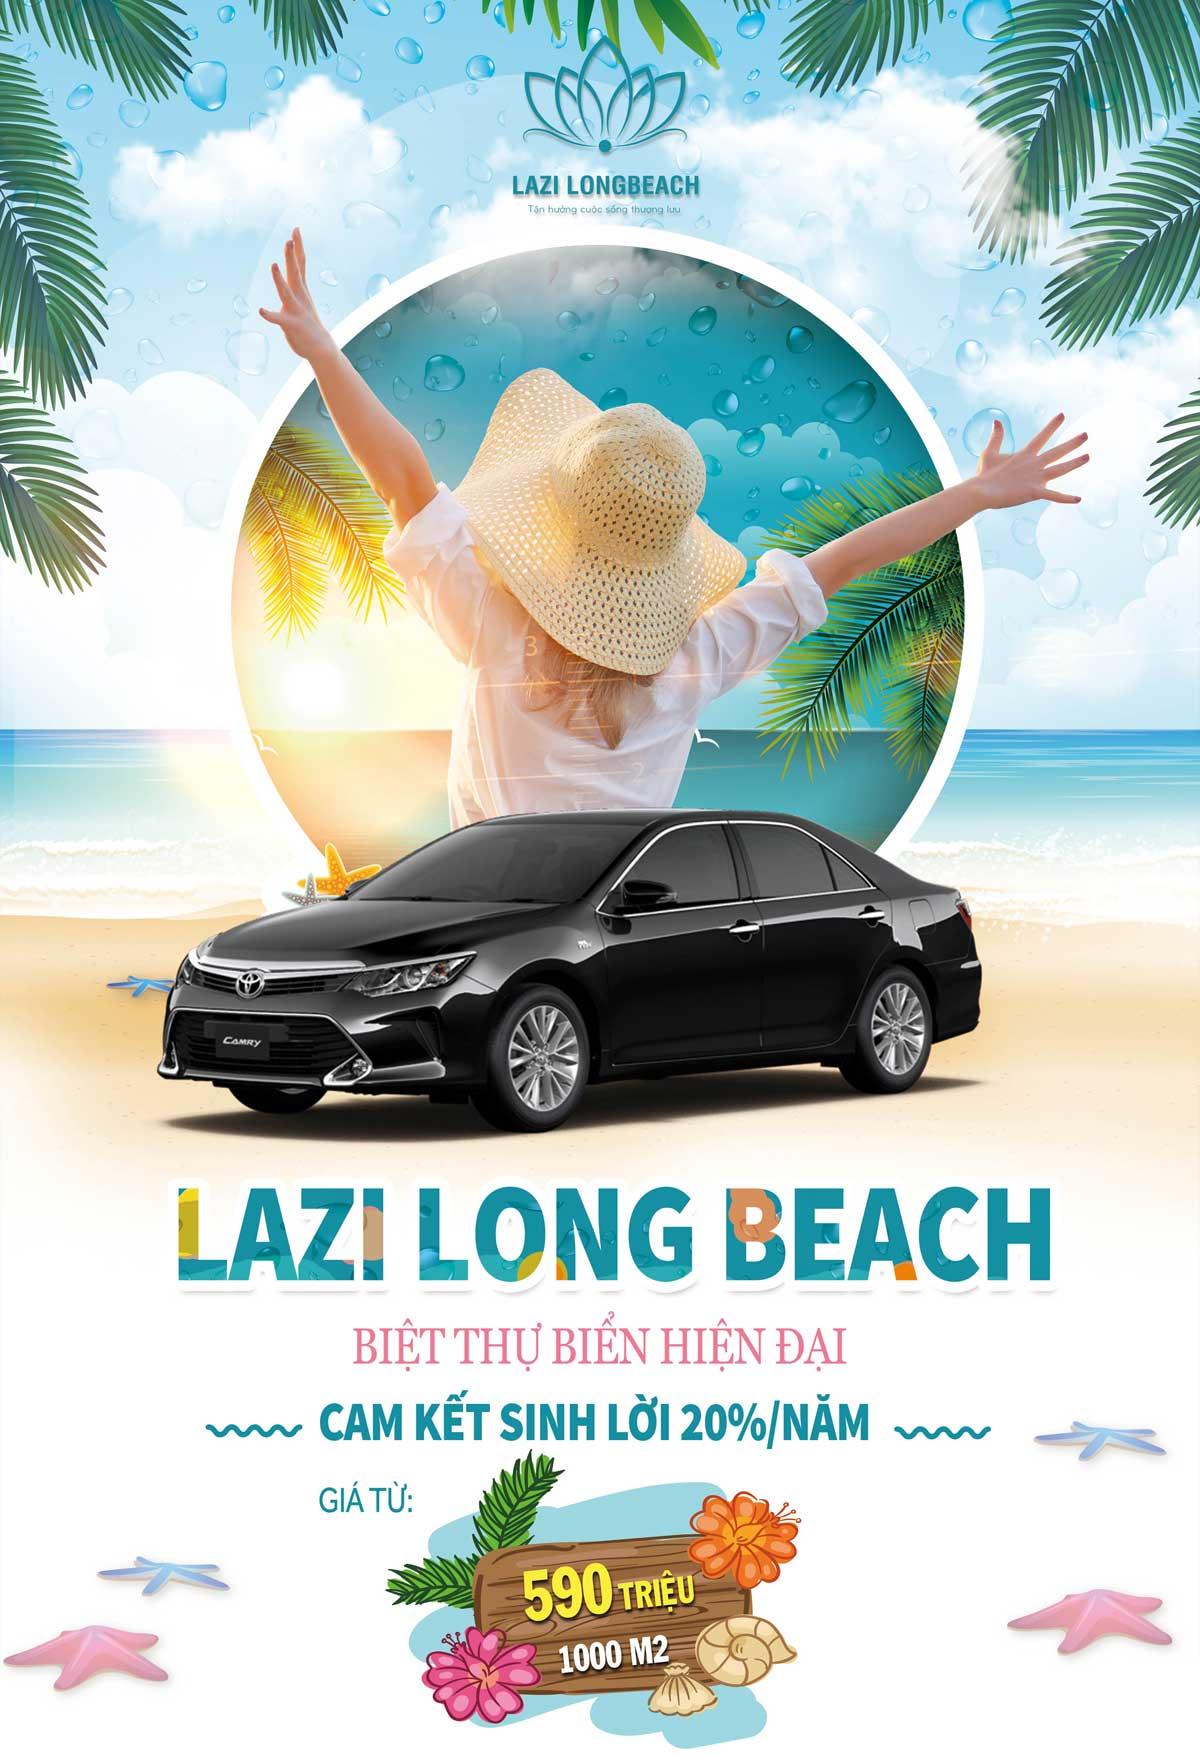 LAZI LONG BEACH DU AN BIET THU BIEN PHAN THIET - DỰ ÁN BIỆT THỰ BIỂN LAZI LONG BEACH PHAN THIẾT